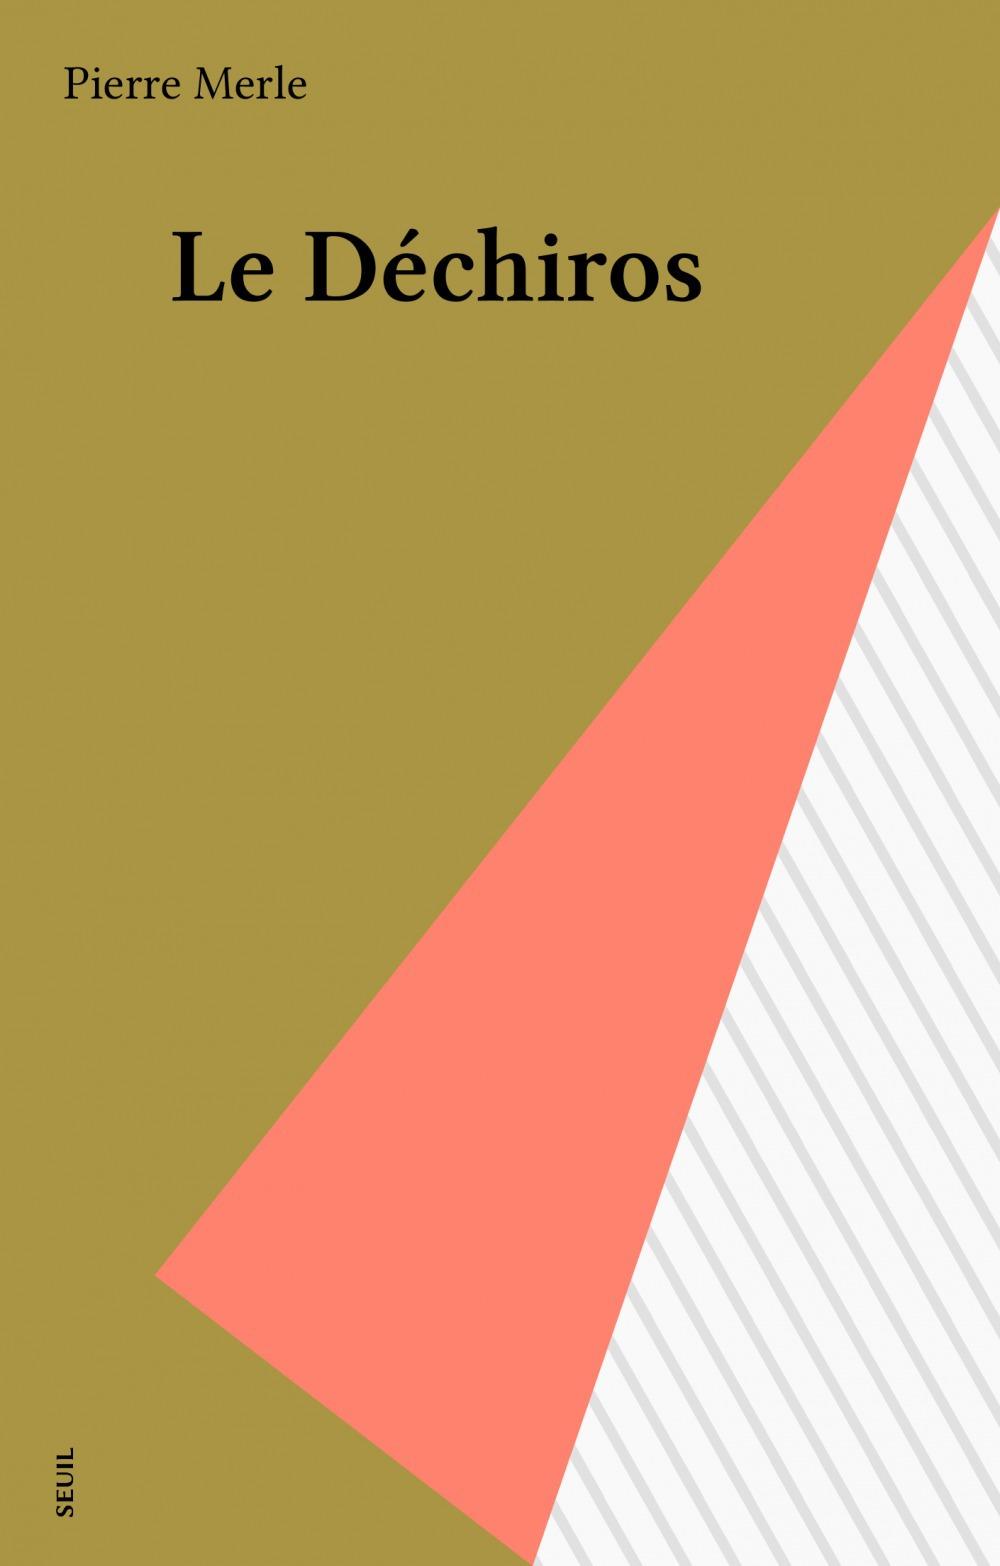 Dechiros (le)